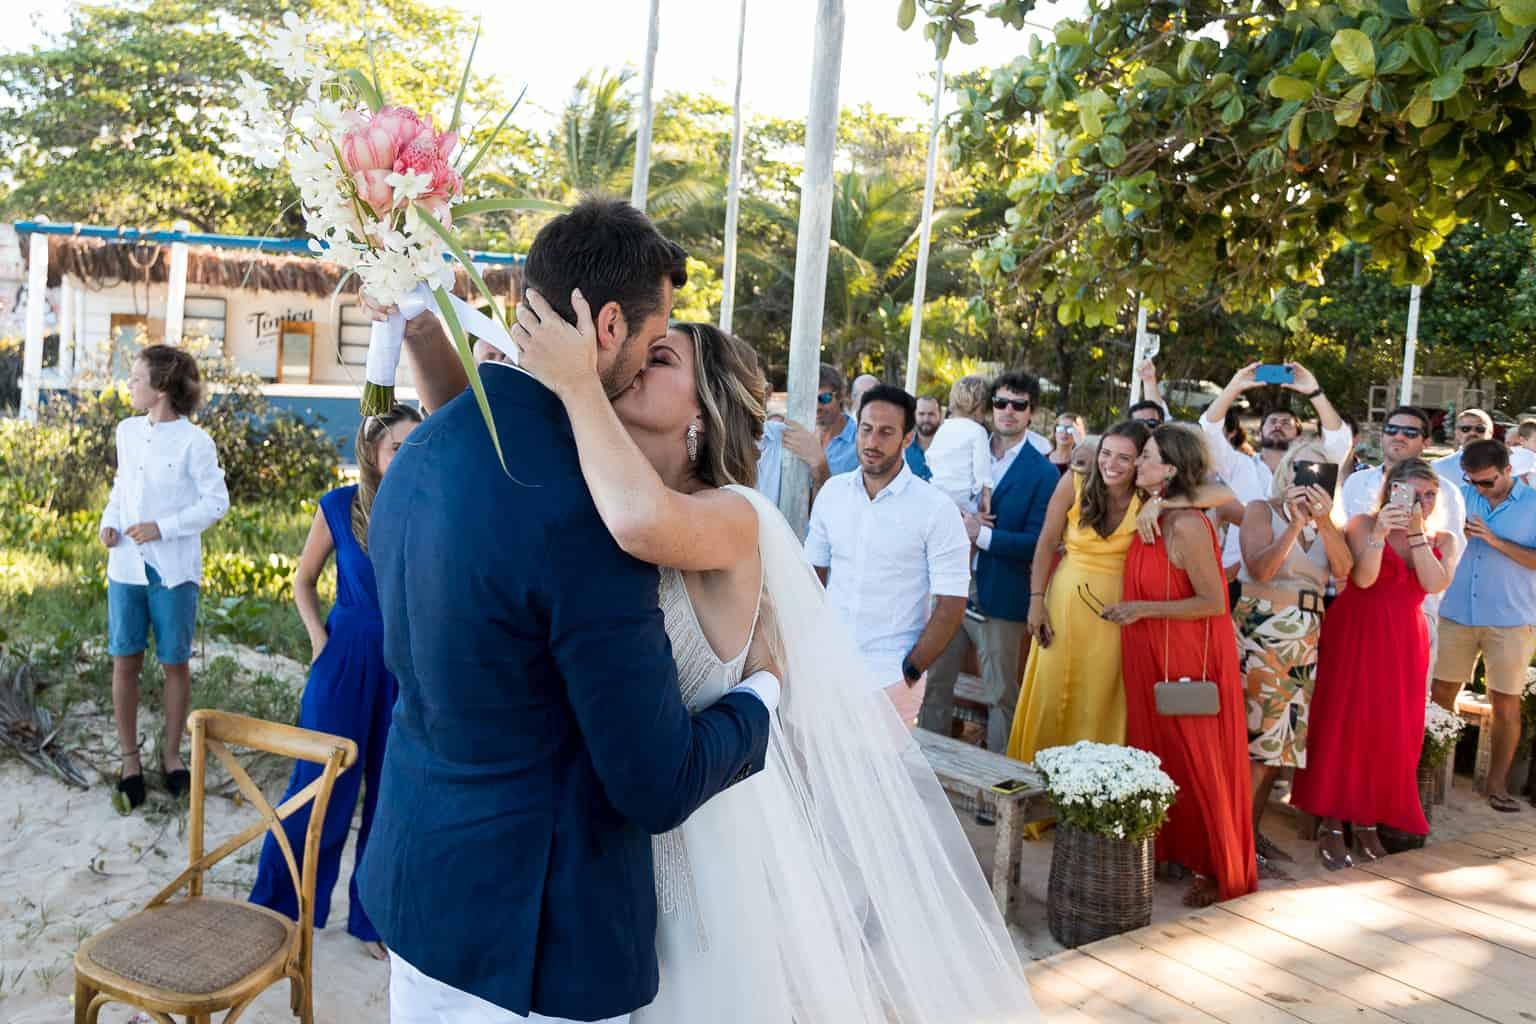 Casamento-Victoria-e-Christian-Fotografia-Tiago-Saldanha-Cerimônia262_MG_2403